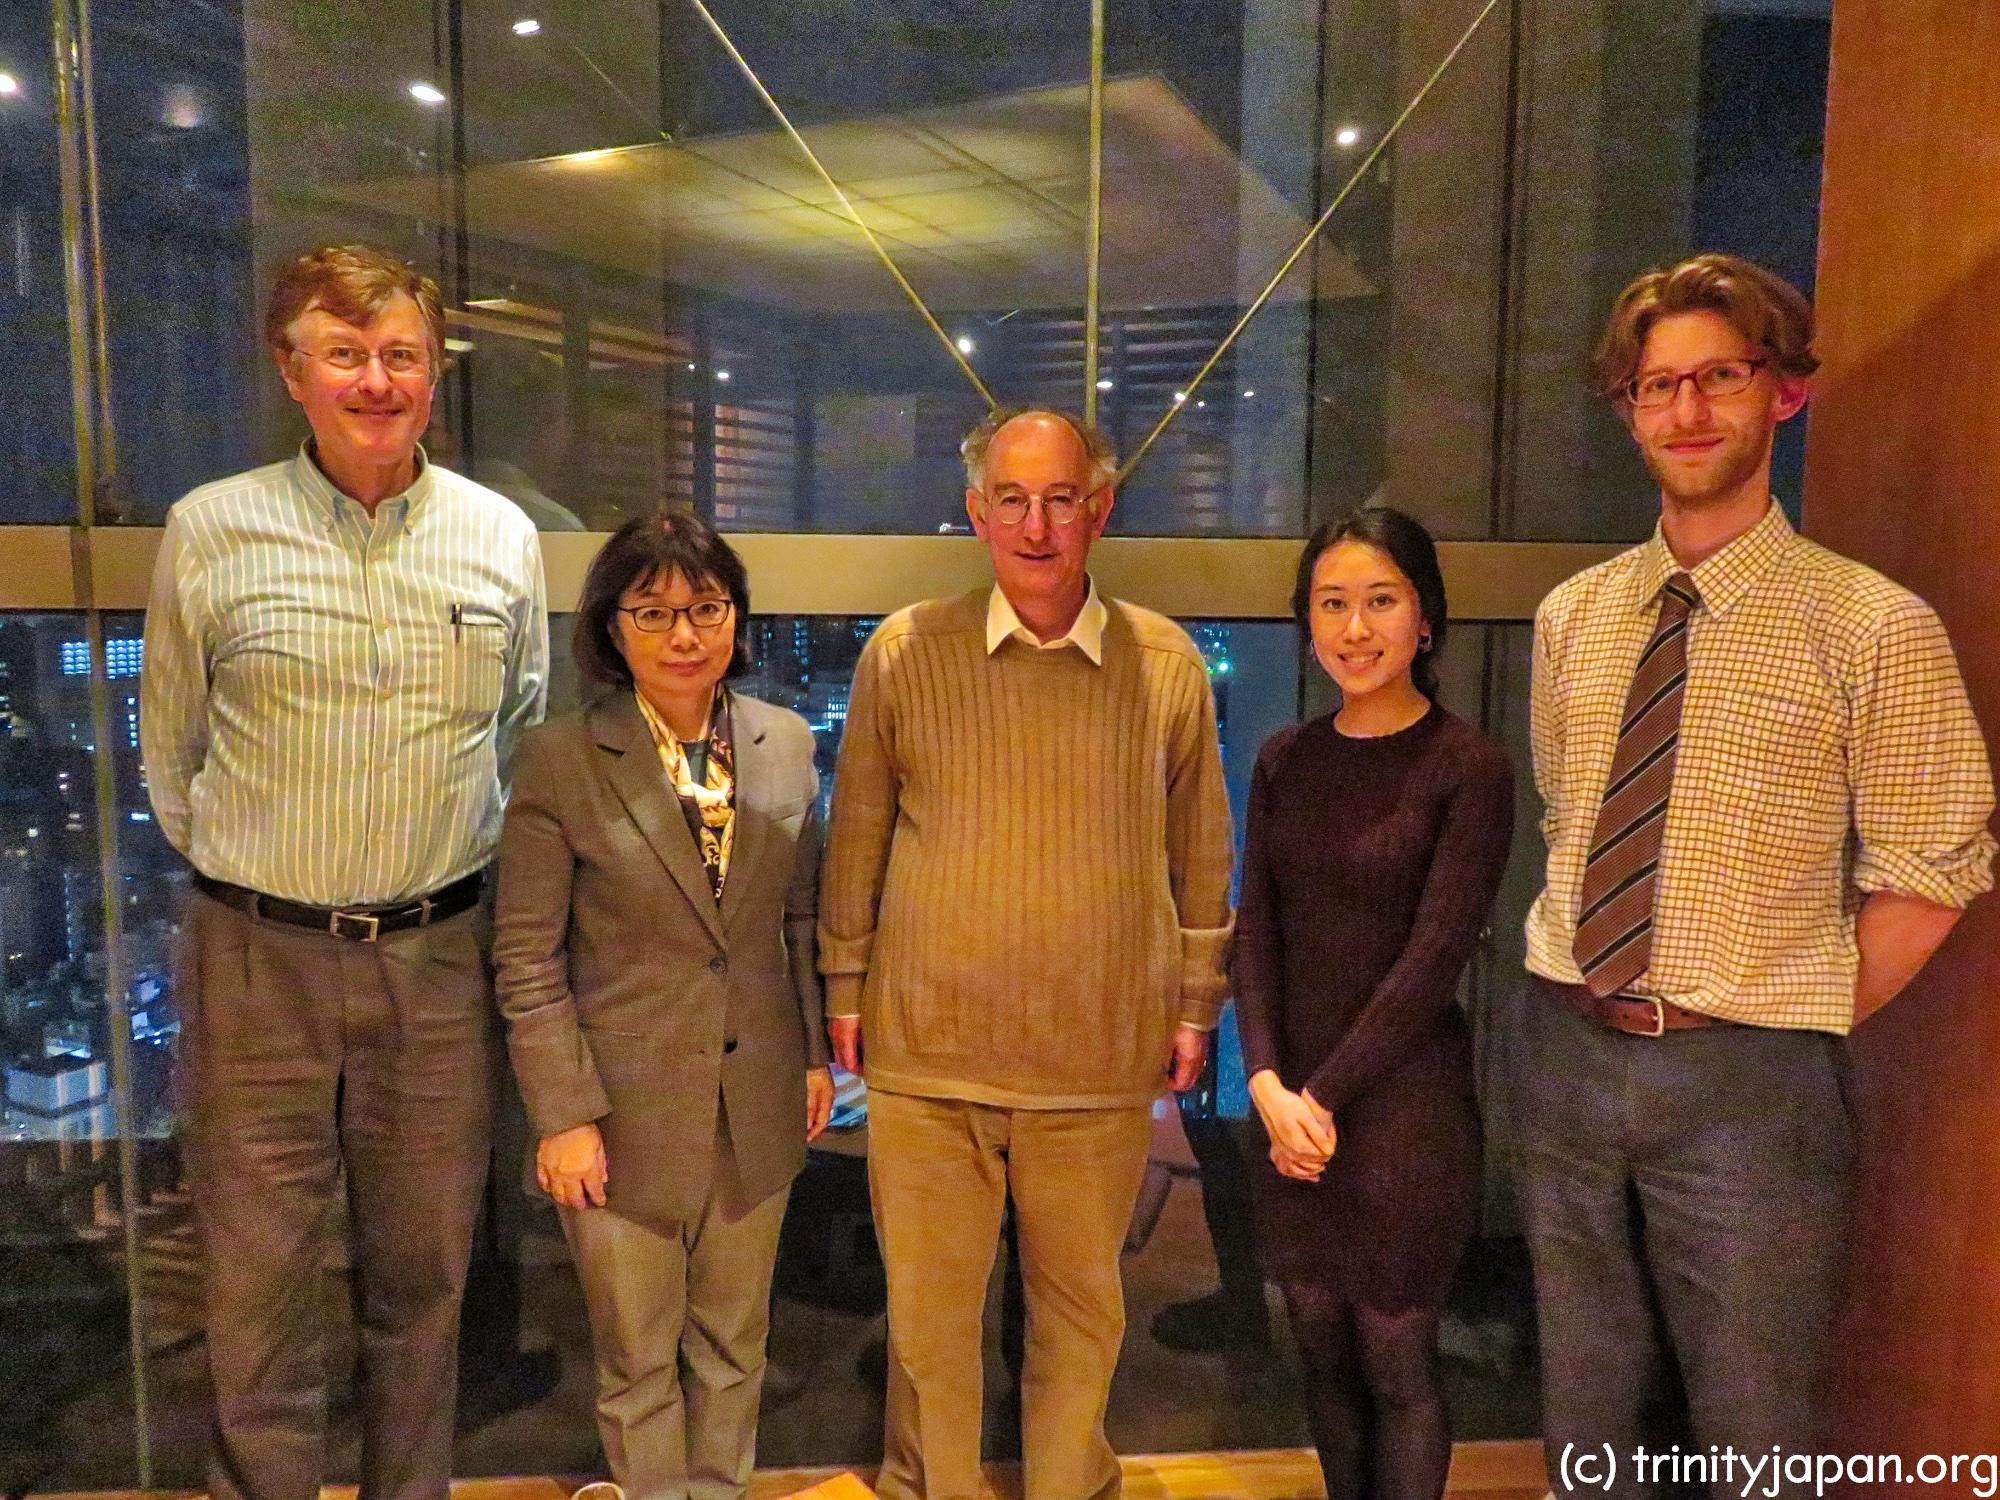 ドミニク・リーベン教授・フェローとのトリニティー・イン・ジャパンのミーテイング2018年4月20日